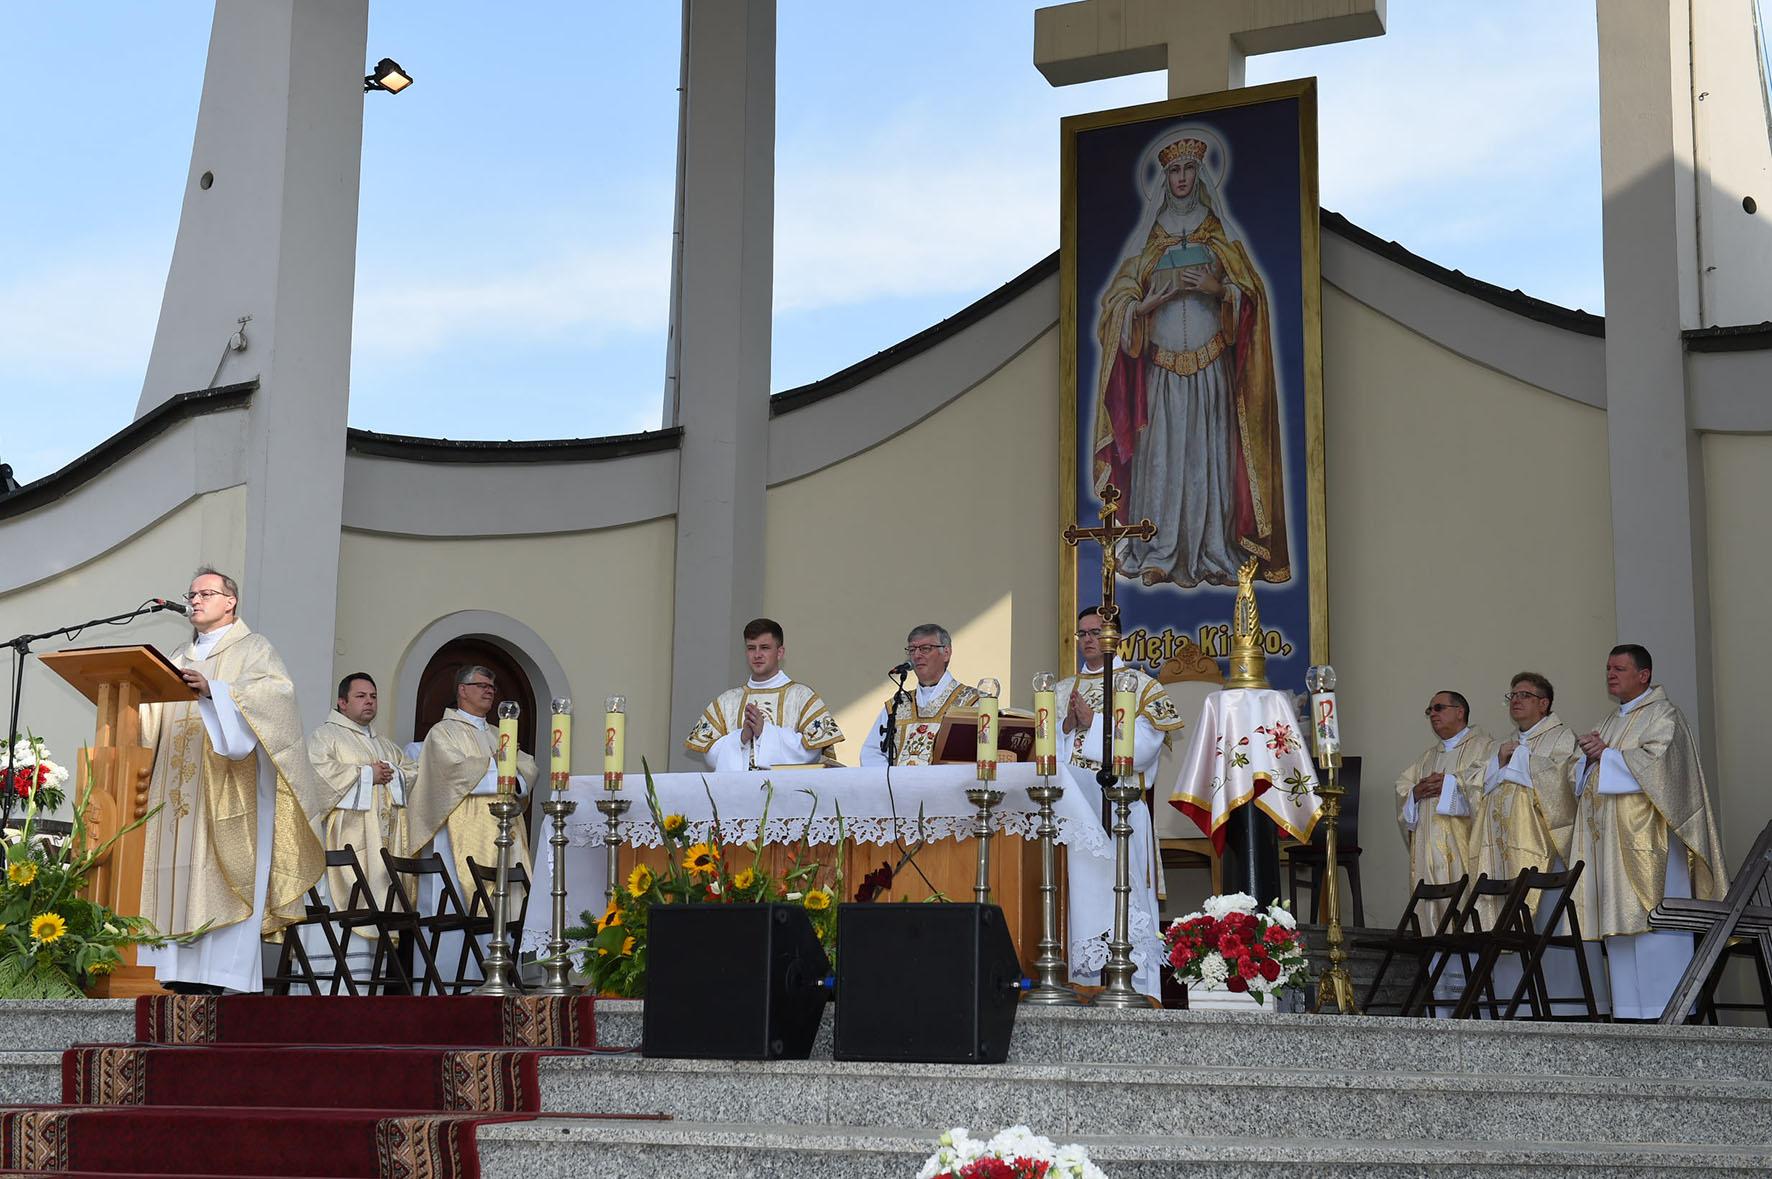 Plenerowy ołtarz główny z obrazem przedstawiającym św. Kingę